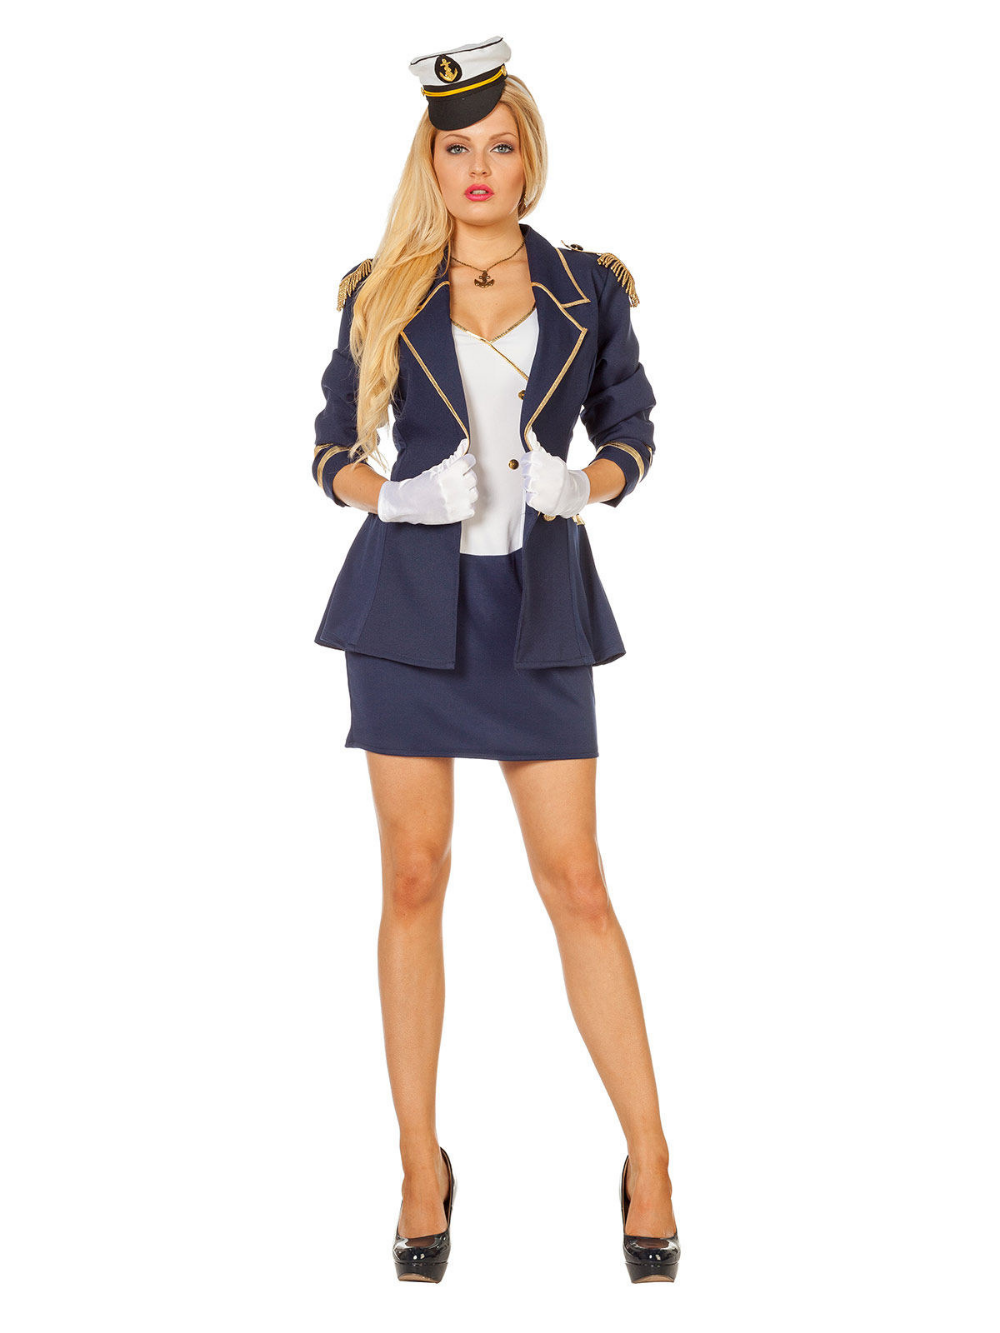 2019 DamenKostümideen Kostüm In Kostüme Marineoffizier nw0kXP8O